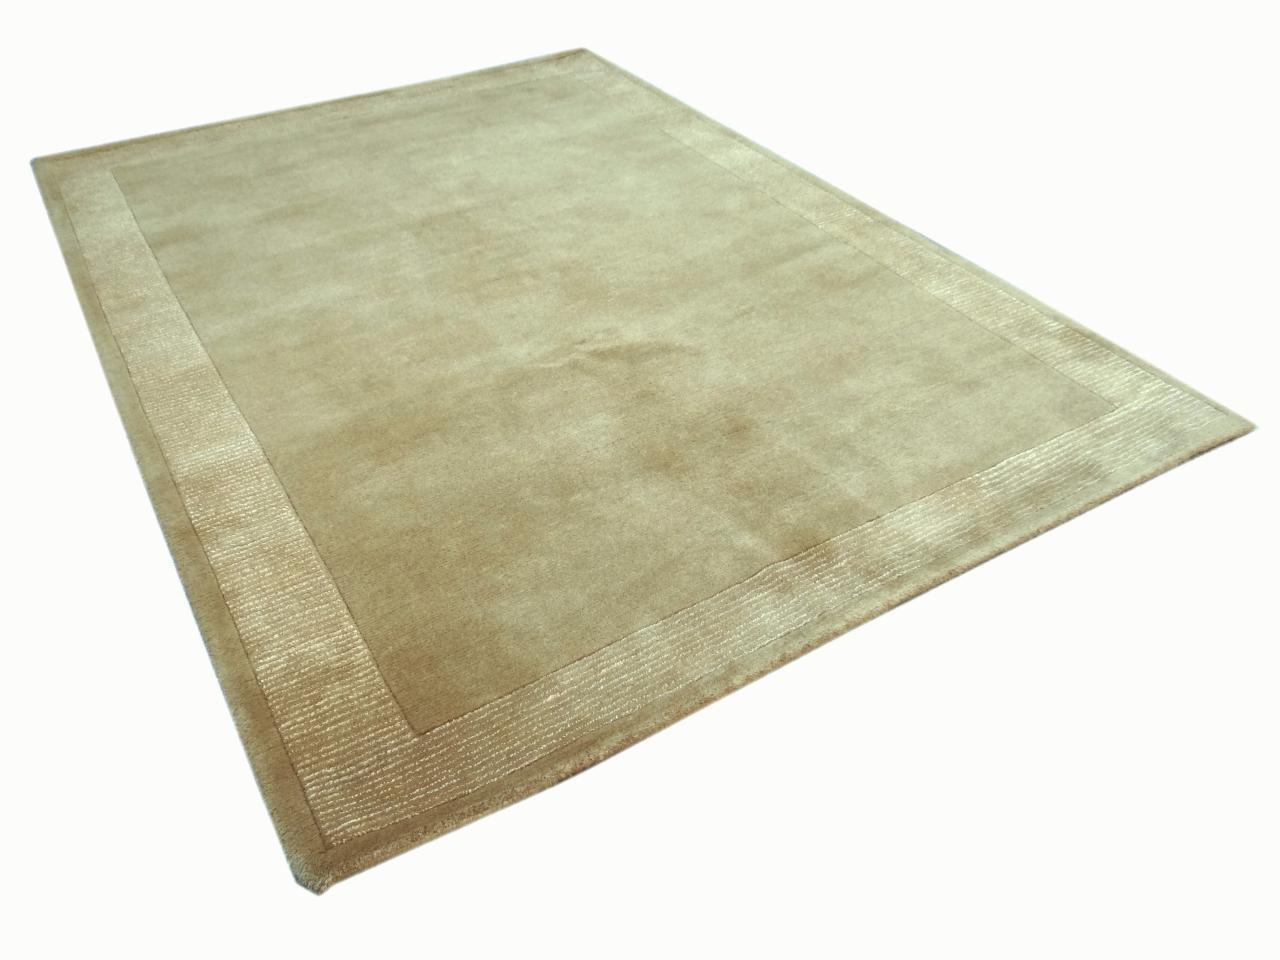 Smoke 1 h4404 tapijten met boorden n 34090 200x140cm - Etnische pouf ...